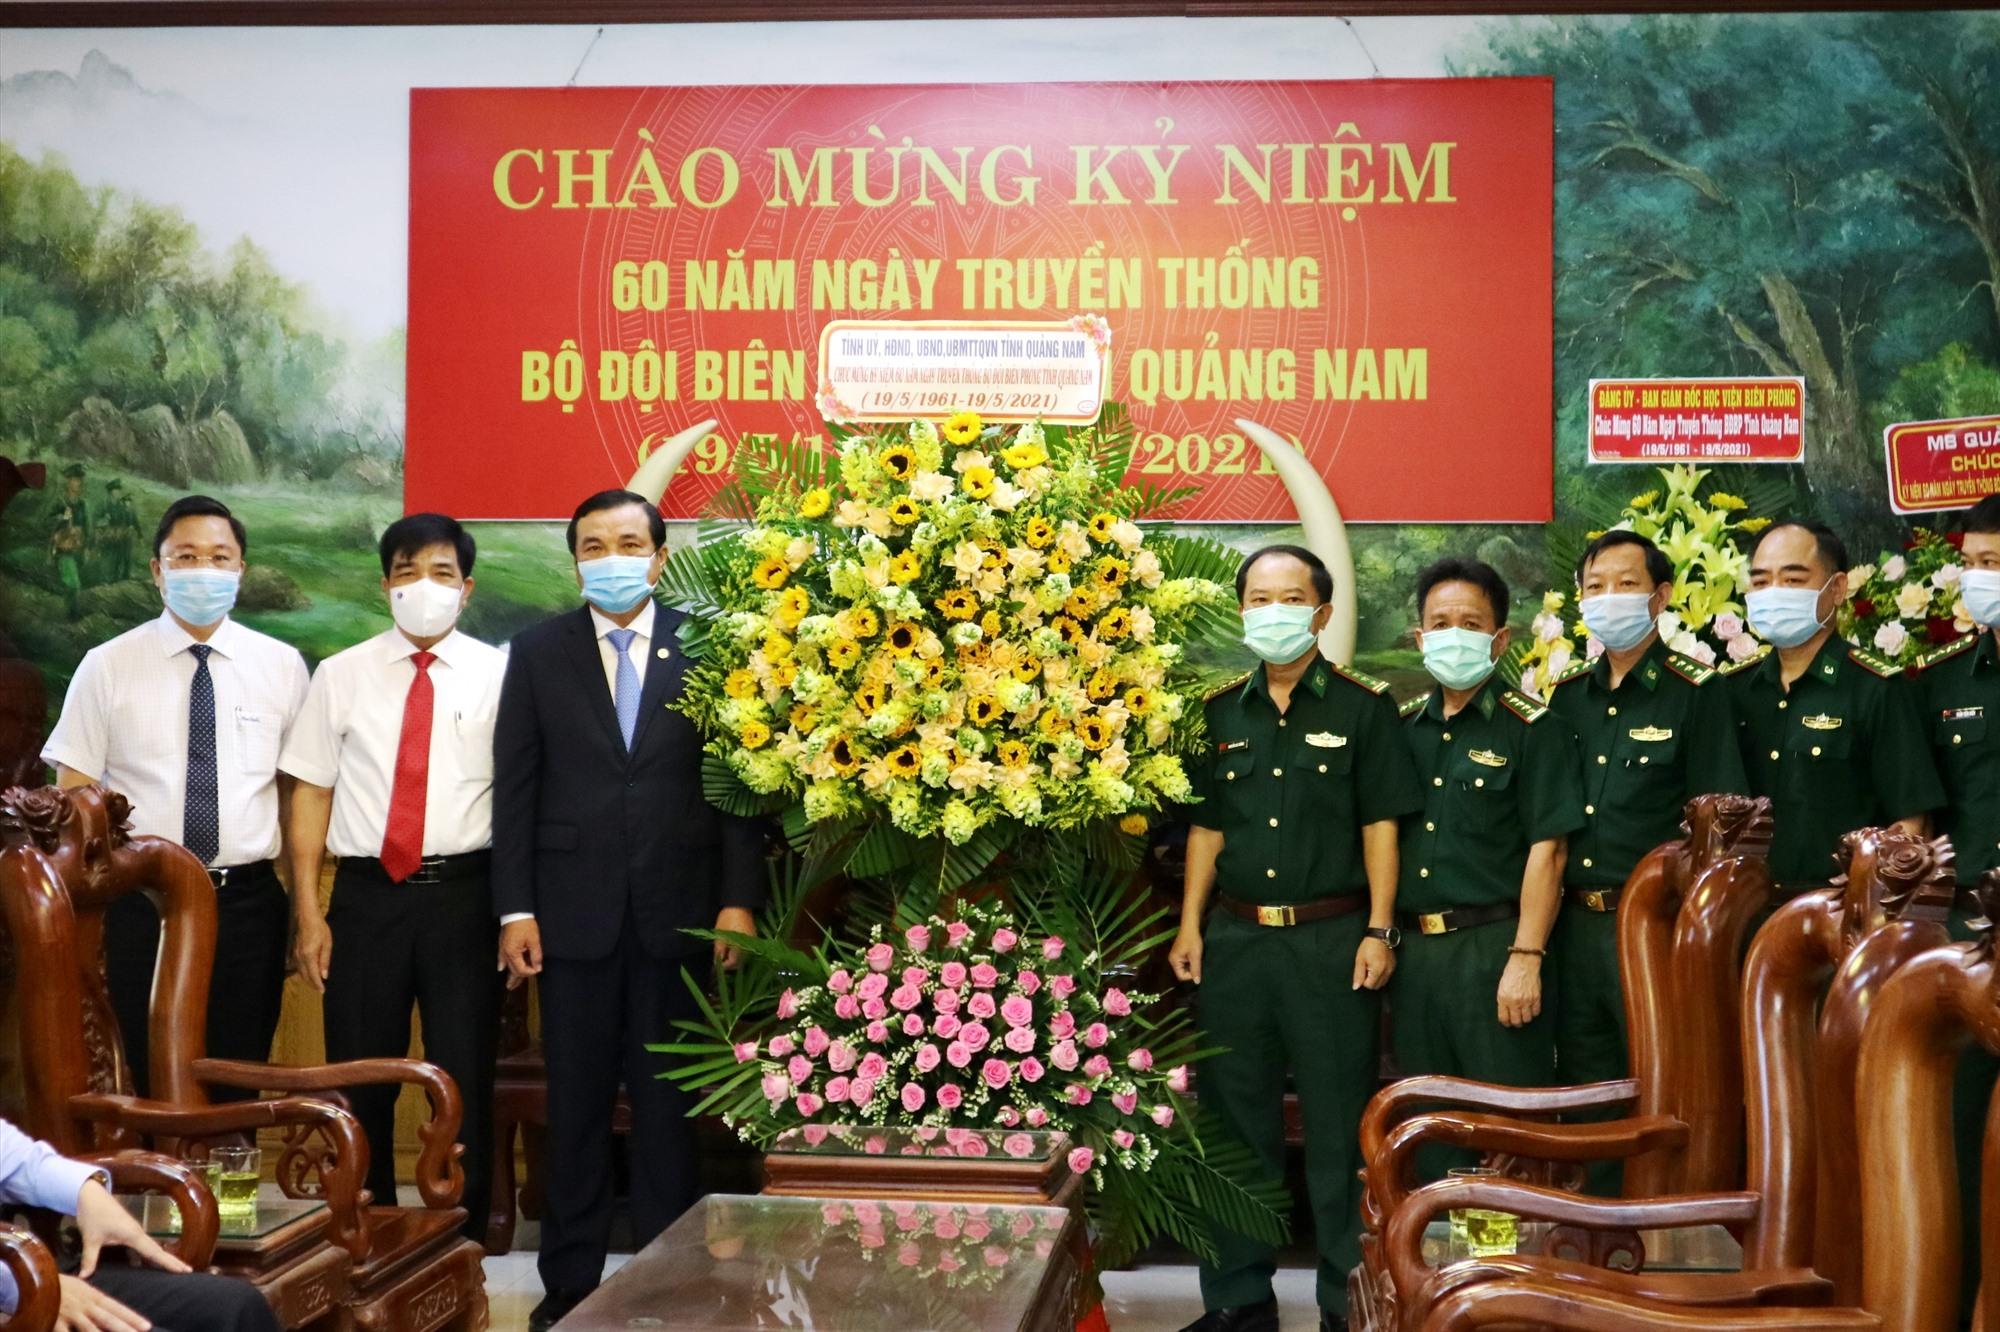 Thường trực Tỉnh ủy tặng lẵng hoa chúc mừng 60 năm truyền thống BĐBP Quảng Nam. Ảnh: A.N